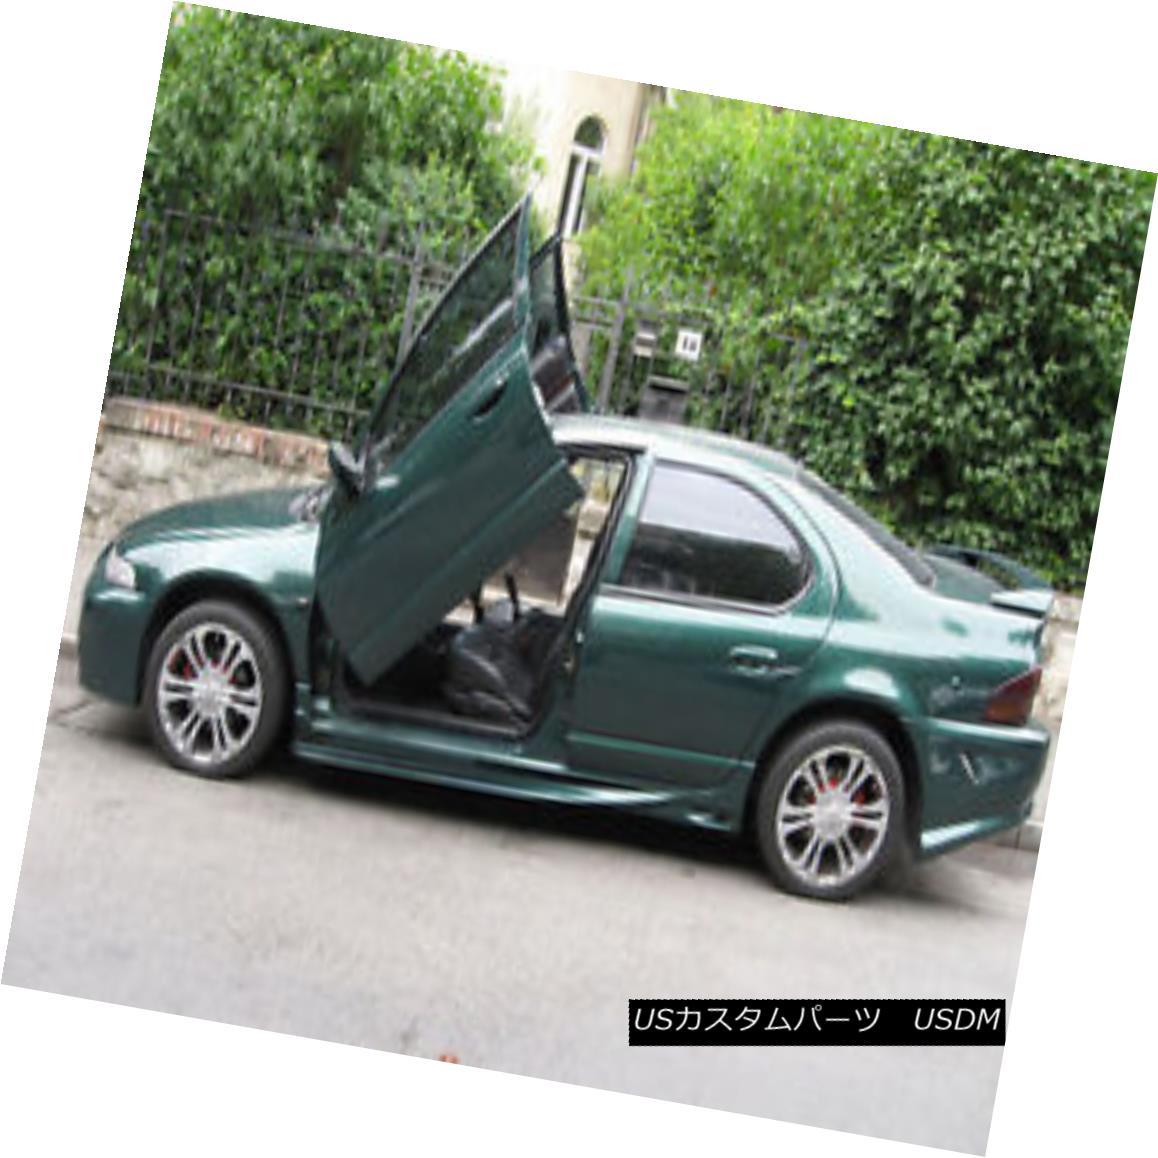 ガルウィングキット Dodge Stratus 95-00 Bolt-on Vertical Lambo Doors by